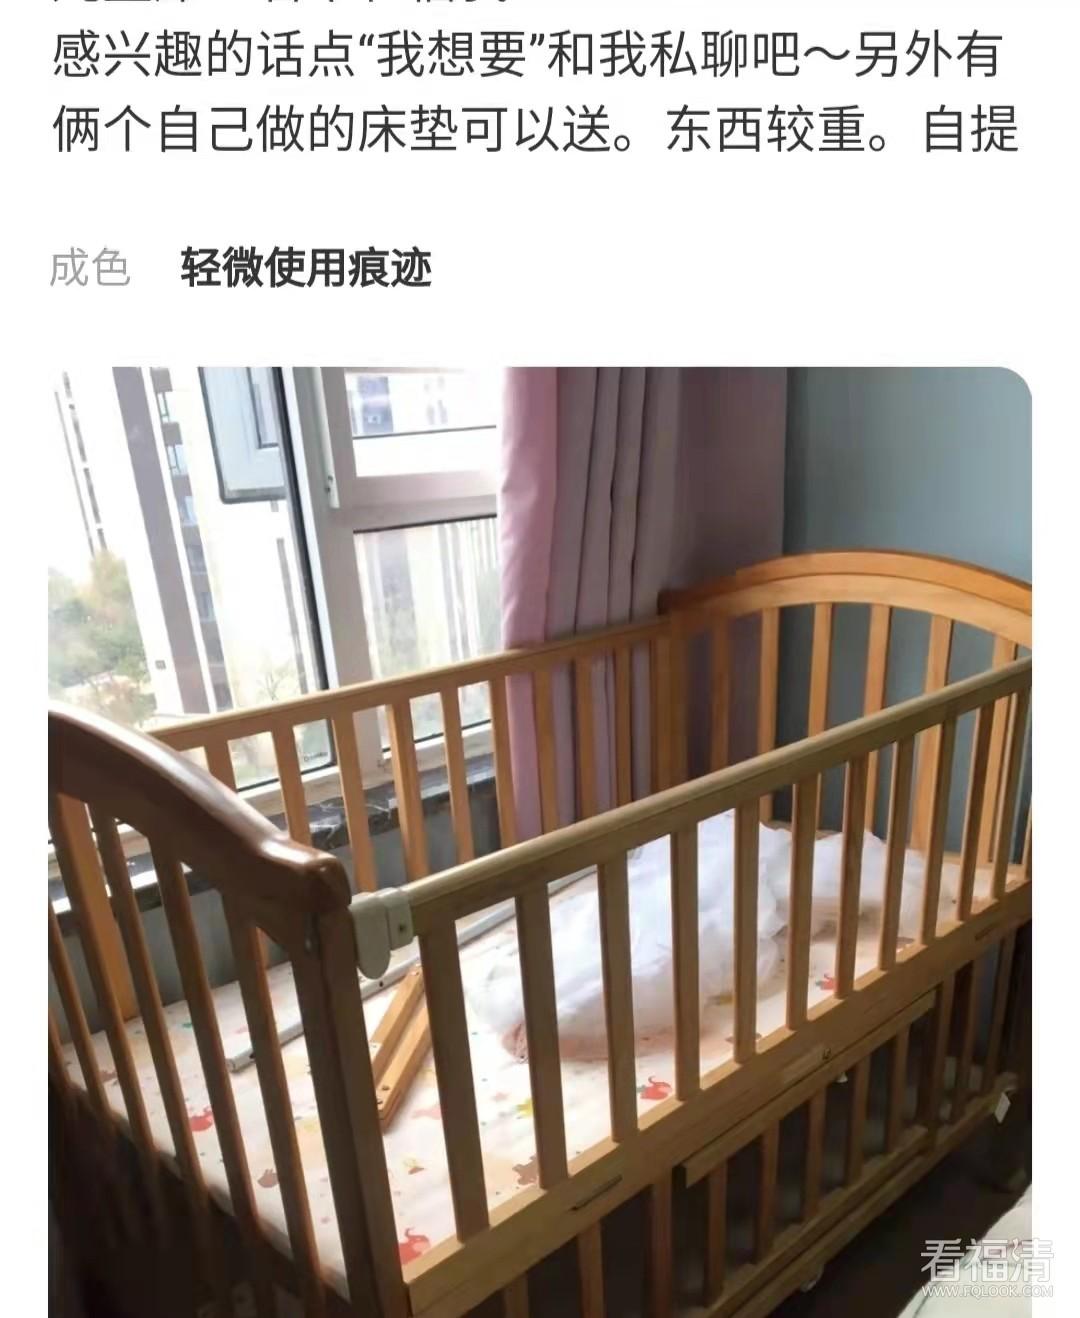 好烦,淘来的二手婴儿床丢掉会不会不吉利?